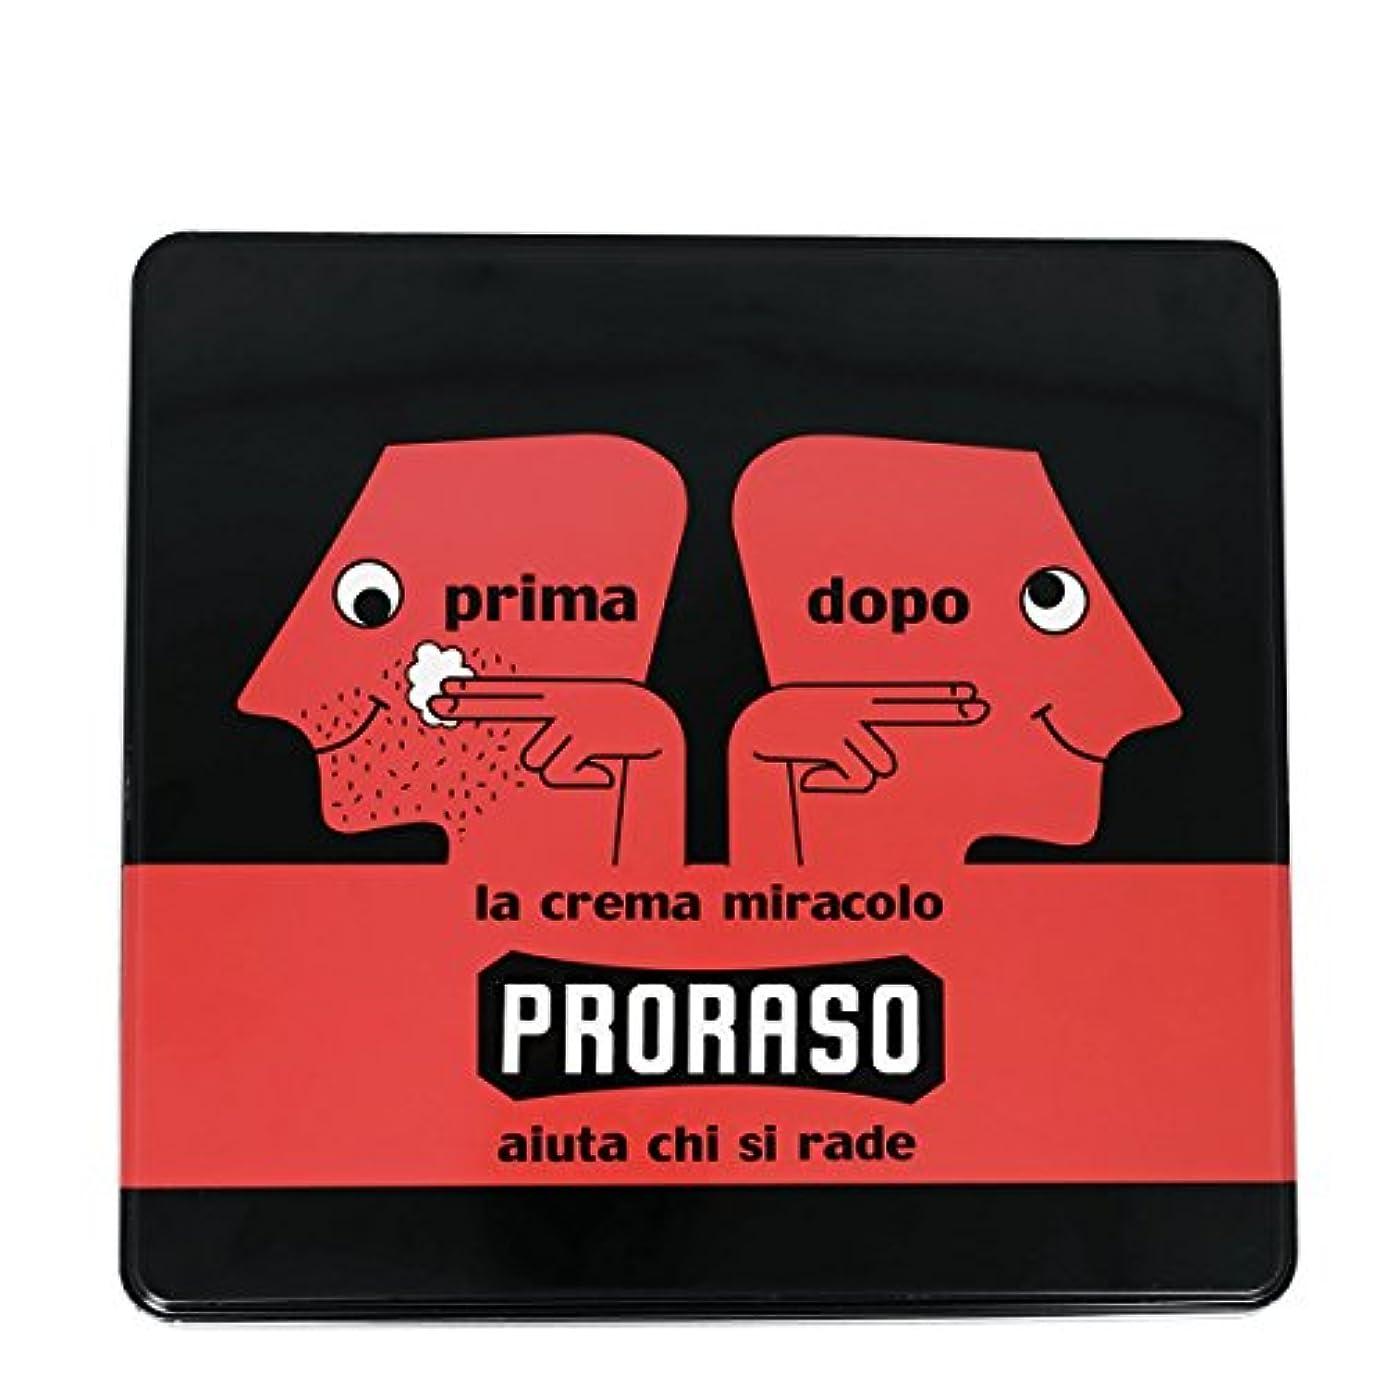 モーター助けになる奇跡的なProraso Primadopo ヴィンテージ ナリシング セレクション 缶[海外直送品] [並行輸入品]